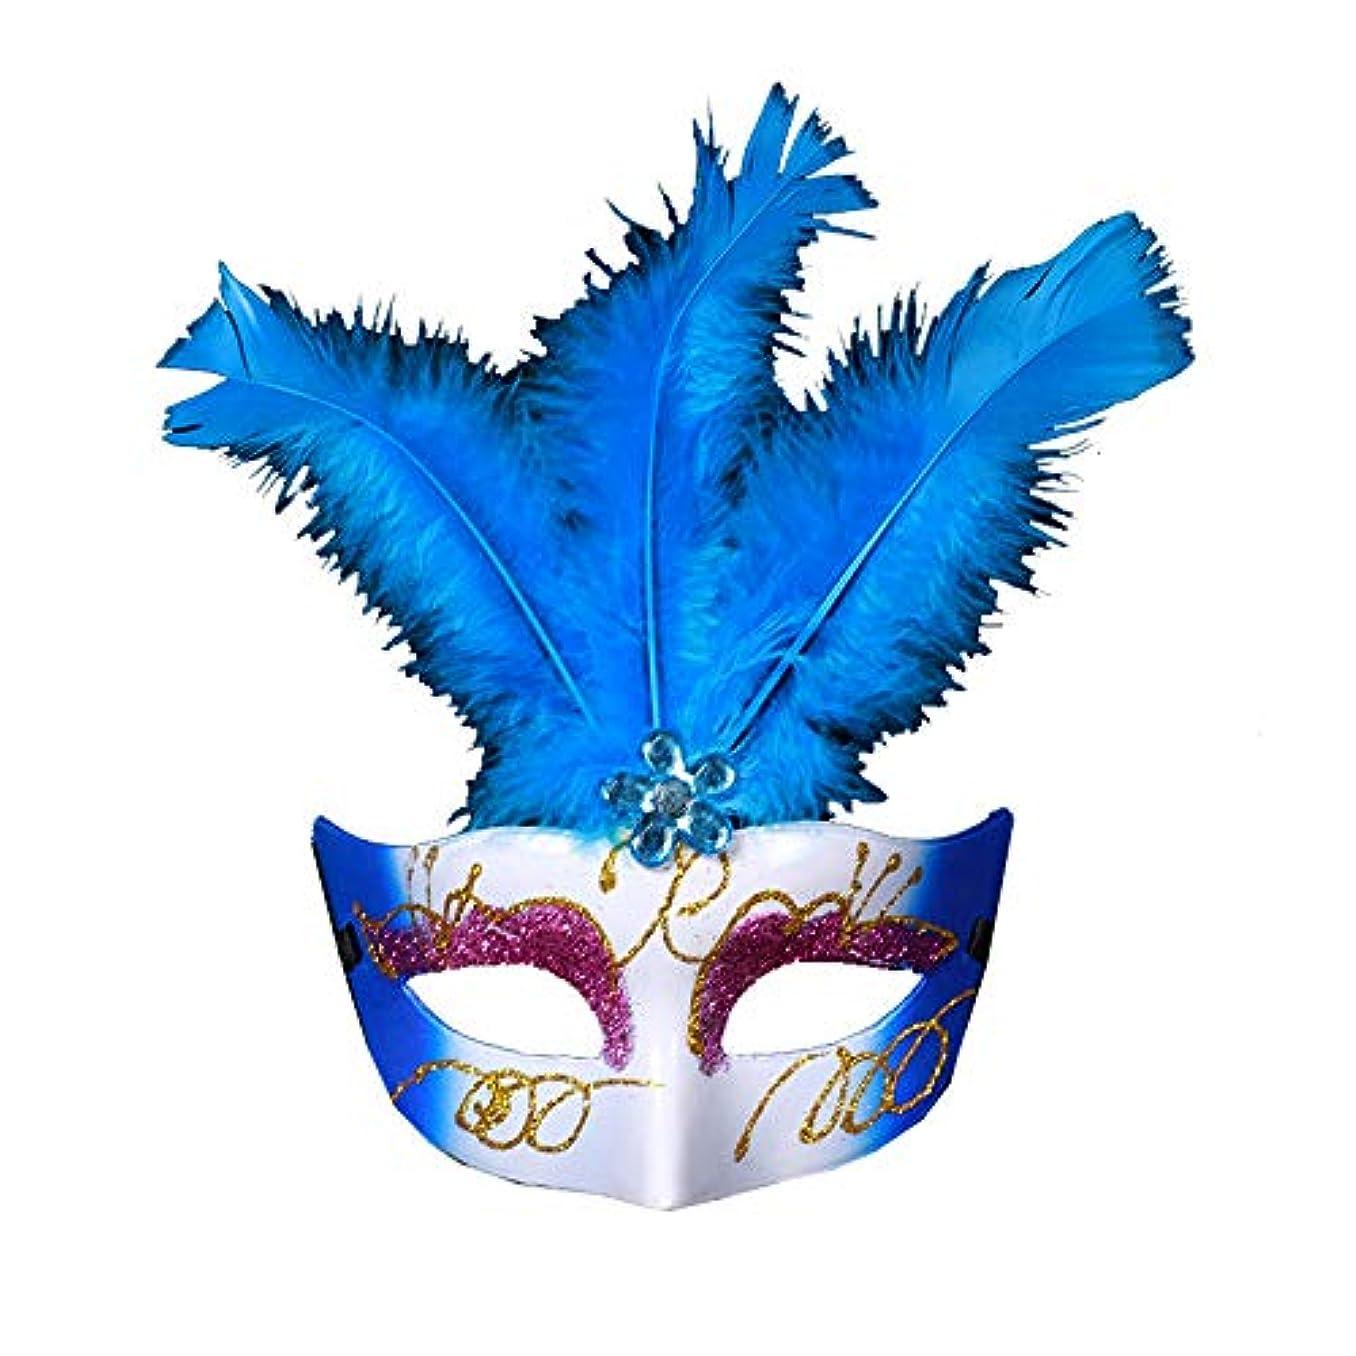 事業衣類誤解ハロウィン大人子供仮装コスプレパーティーショーのプリンセスドレスアップ小道具フェザーマスク,A